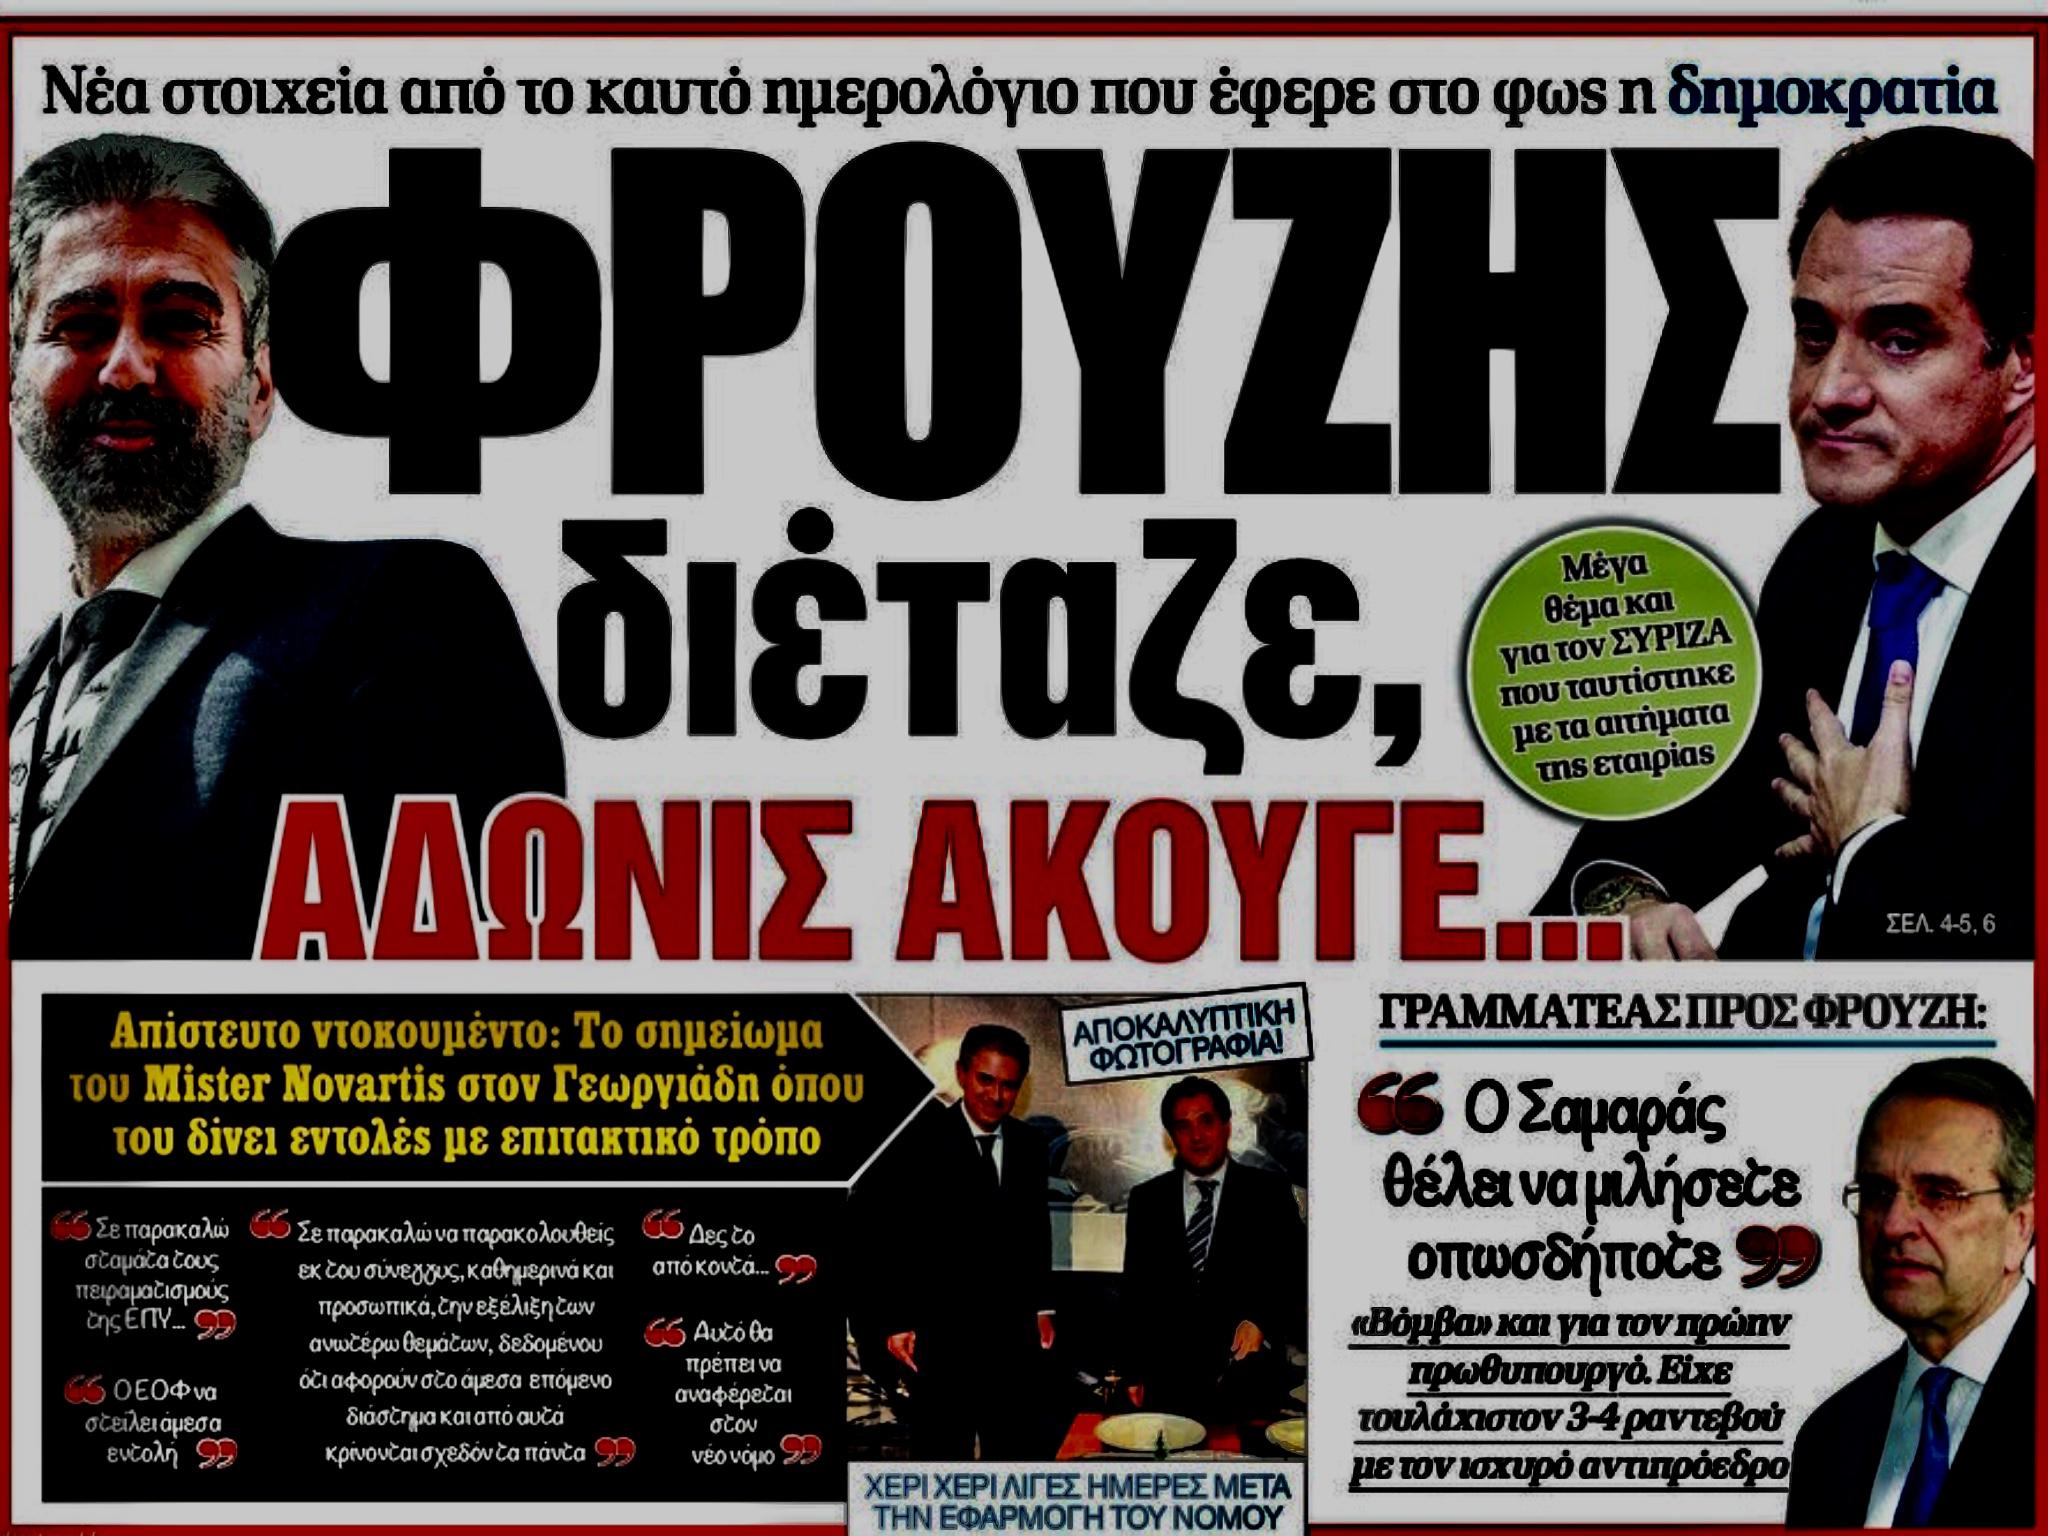 Έπεσαν οι μάσκες: Αρχιερέας της συγκαλυψης ο Μητσοτακης αν δεν απομακρύνει τον Γεωργιαδη! #Novartis